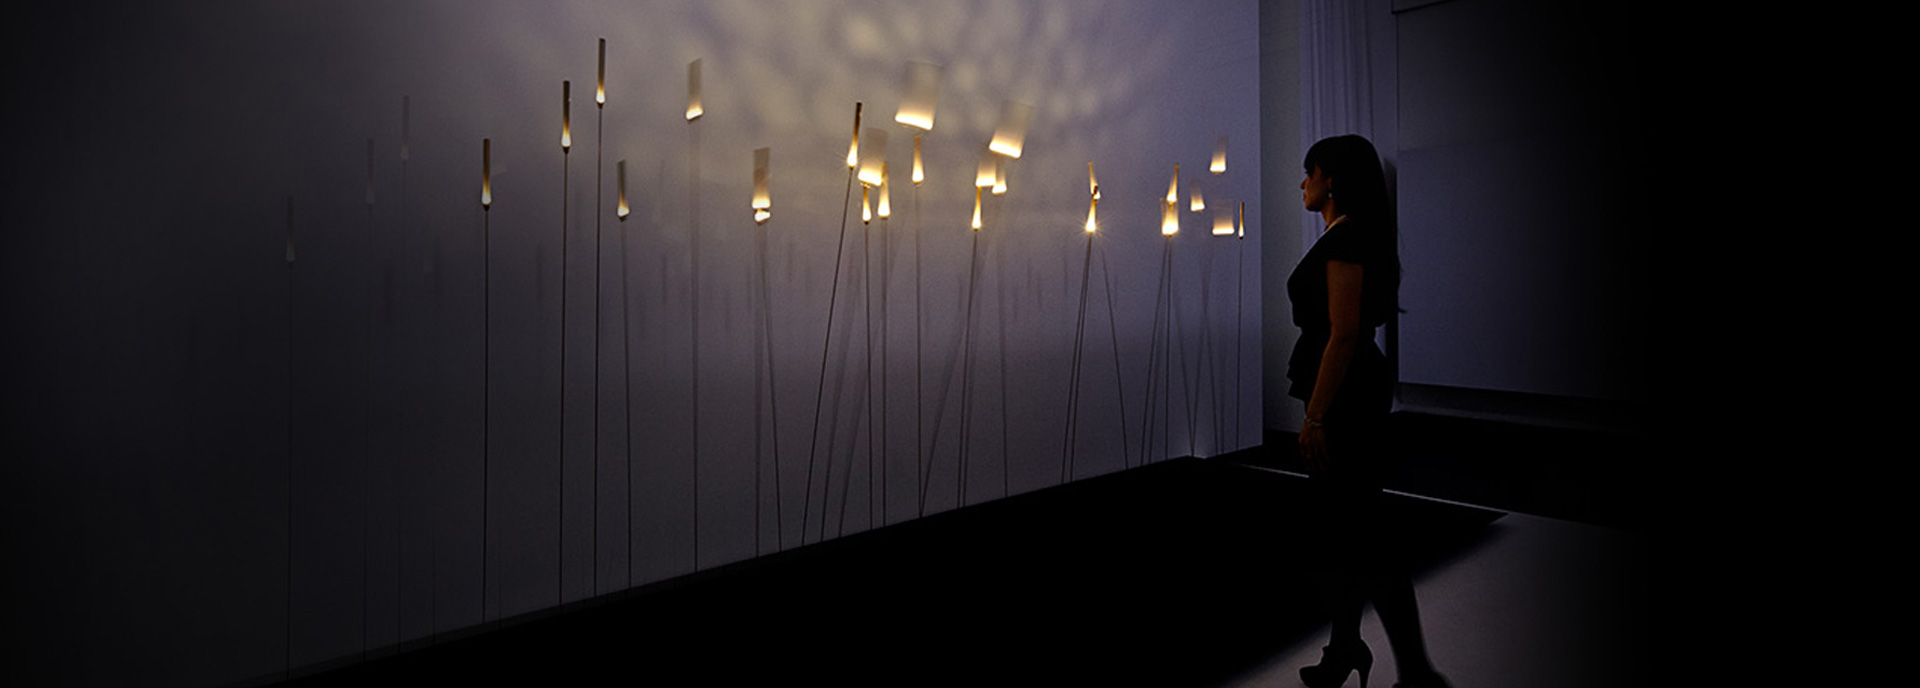 Vrouw die staat te kijken bij lampjes